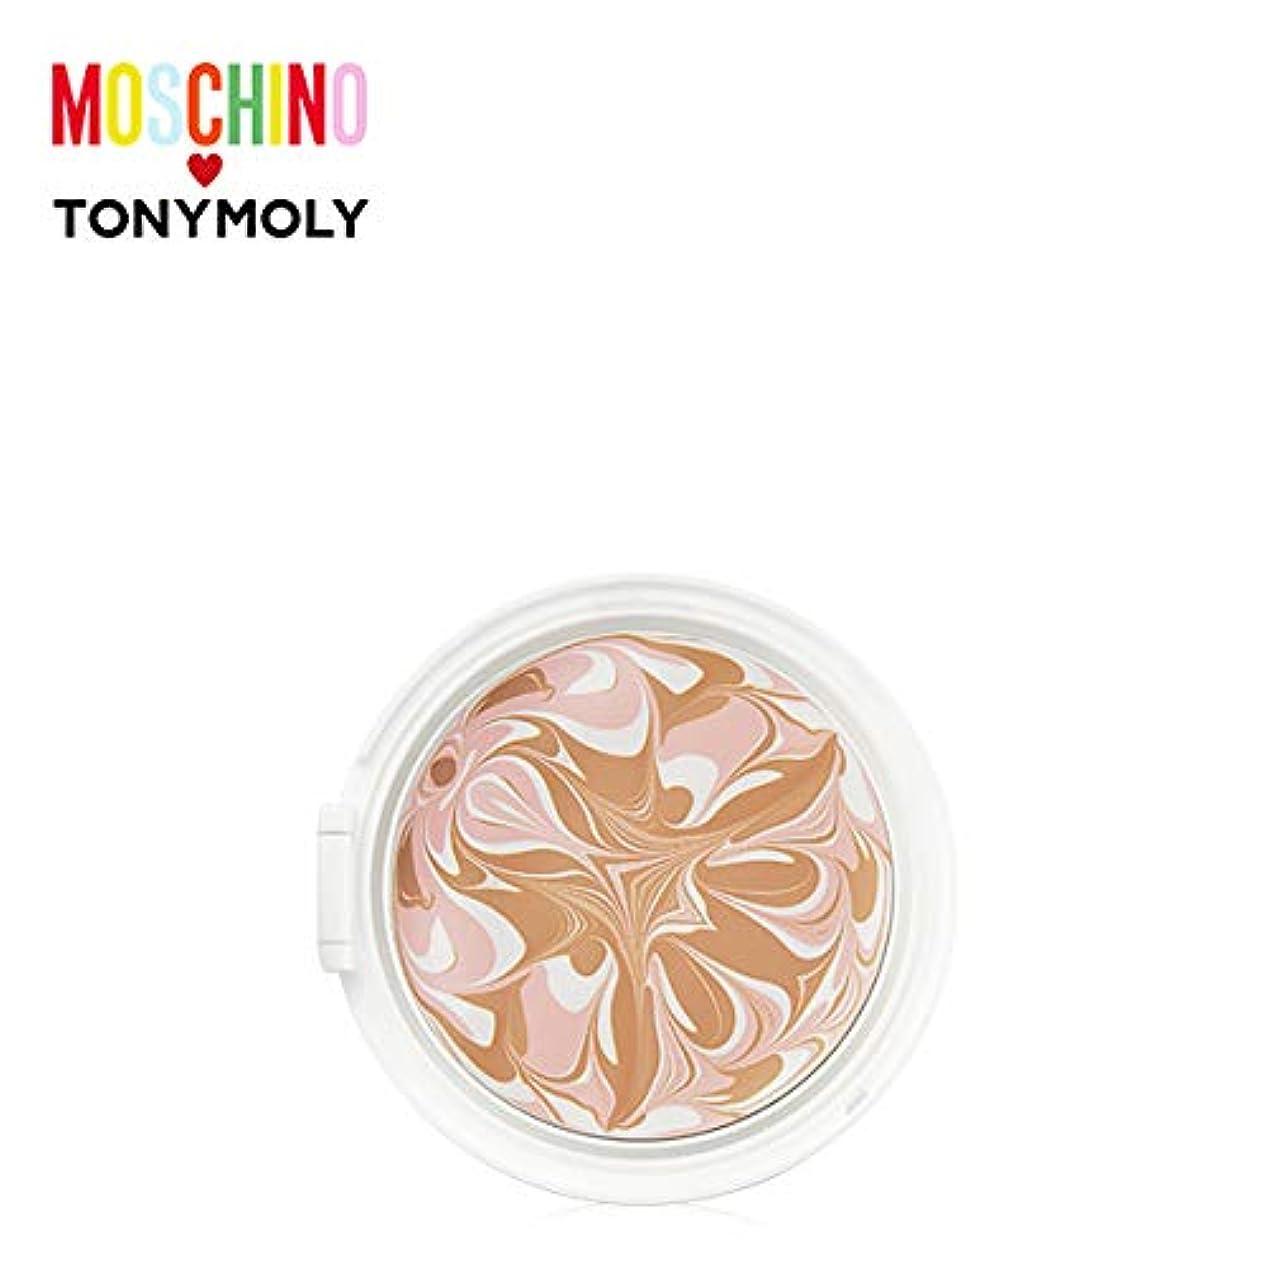 のど辛い見捨てられたTONYMOLY [MOSCHINO] Chic Skin Essence Pact -Refill #02 CHIC BEIGE トニーモリー [モスキーノ] シック スキン エッセンス パクト -リフィル [詰め替え...